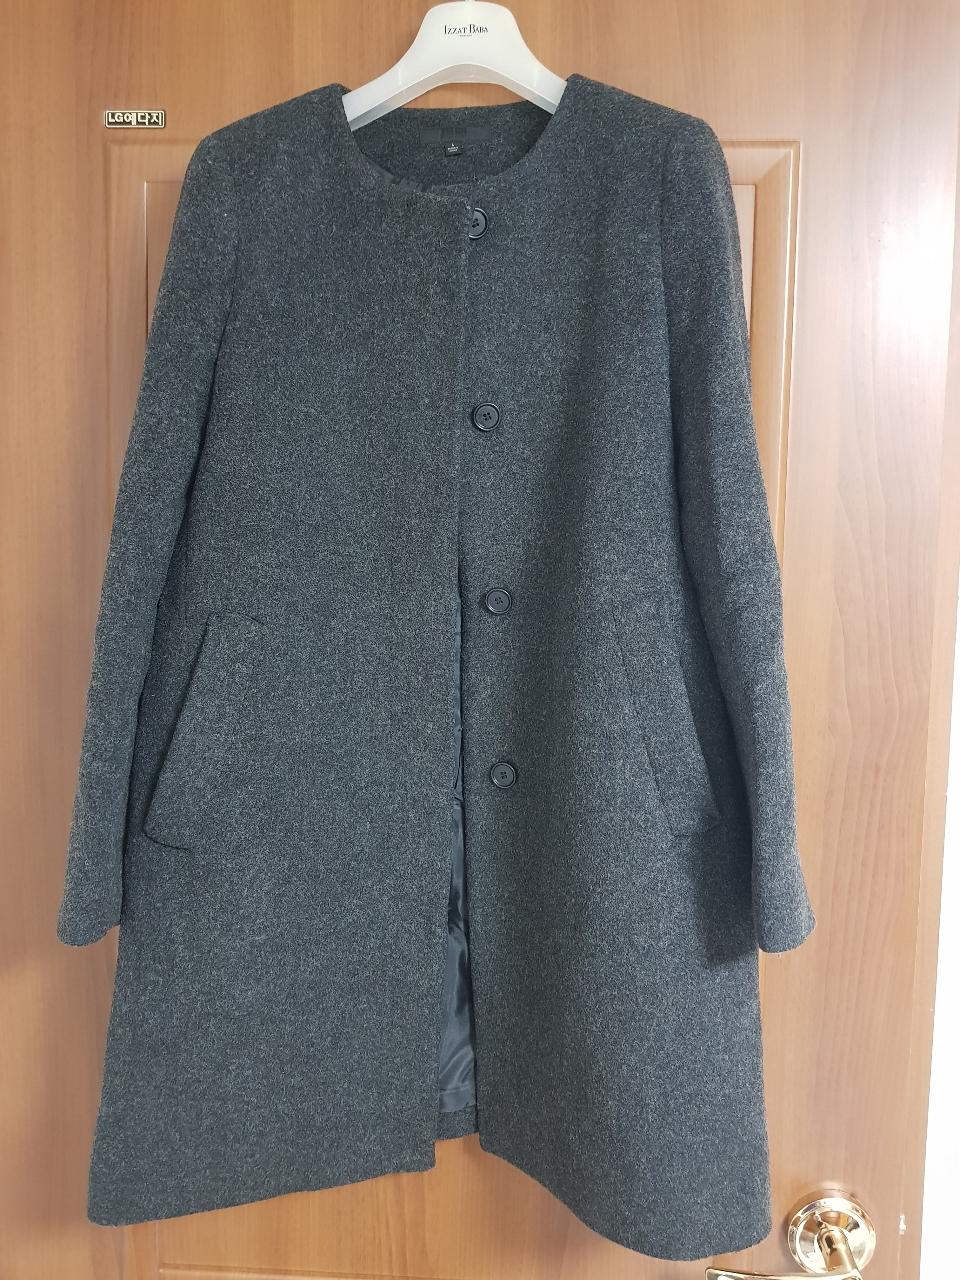 유니클로 여성 울코트 여성자켓 여자울코트 여자자켓